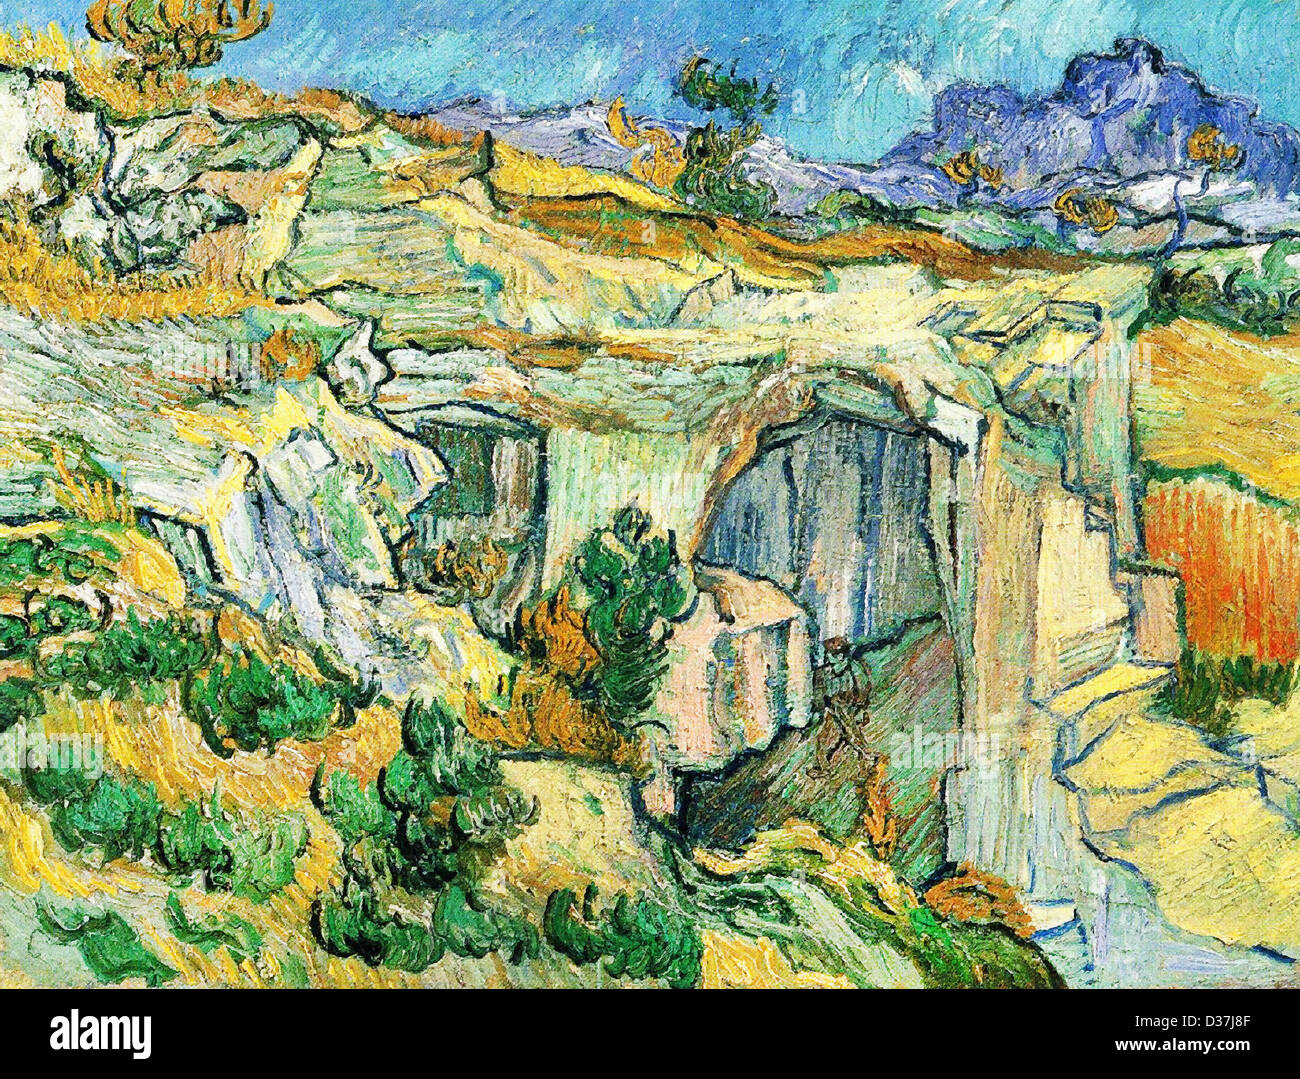 Vincent Van Gogh, Eingang zum Steinbruch in der Nähe von Saint-Remy. 1889. Post-Impressionismus. Öl auf Stockbild